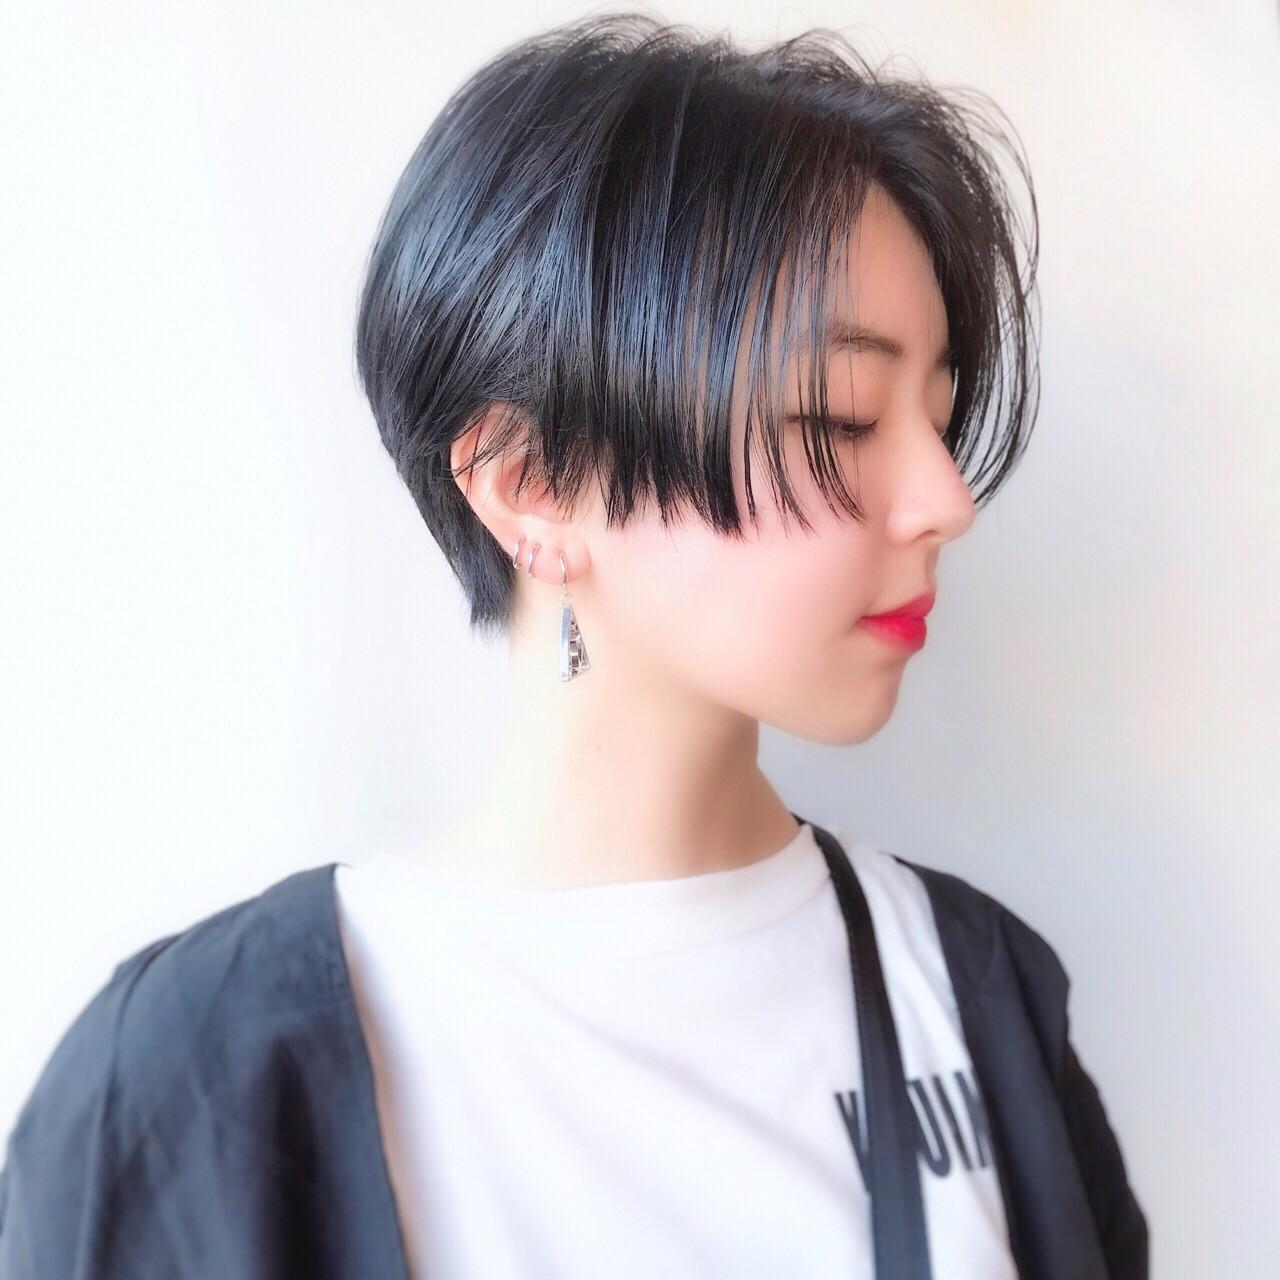 すっきりしたハンサムショートがトレンド Marie Tagawa 【morio原宿】